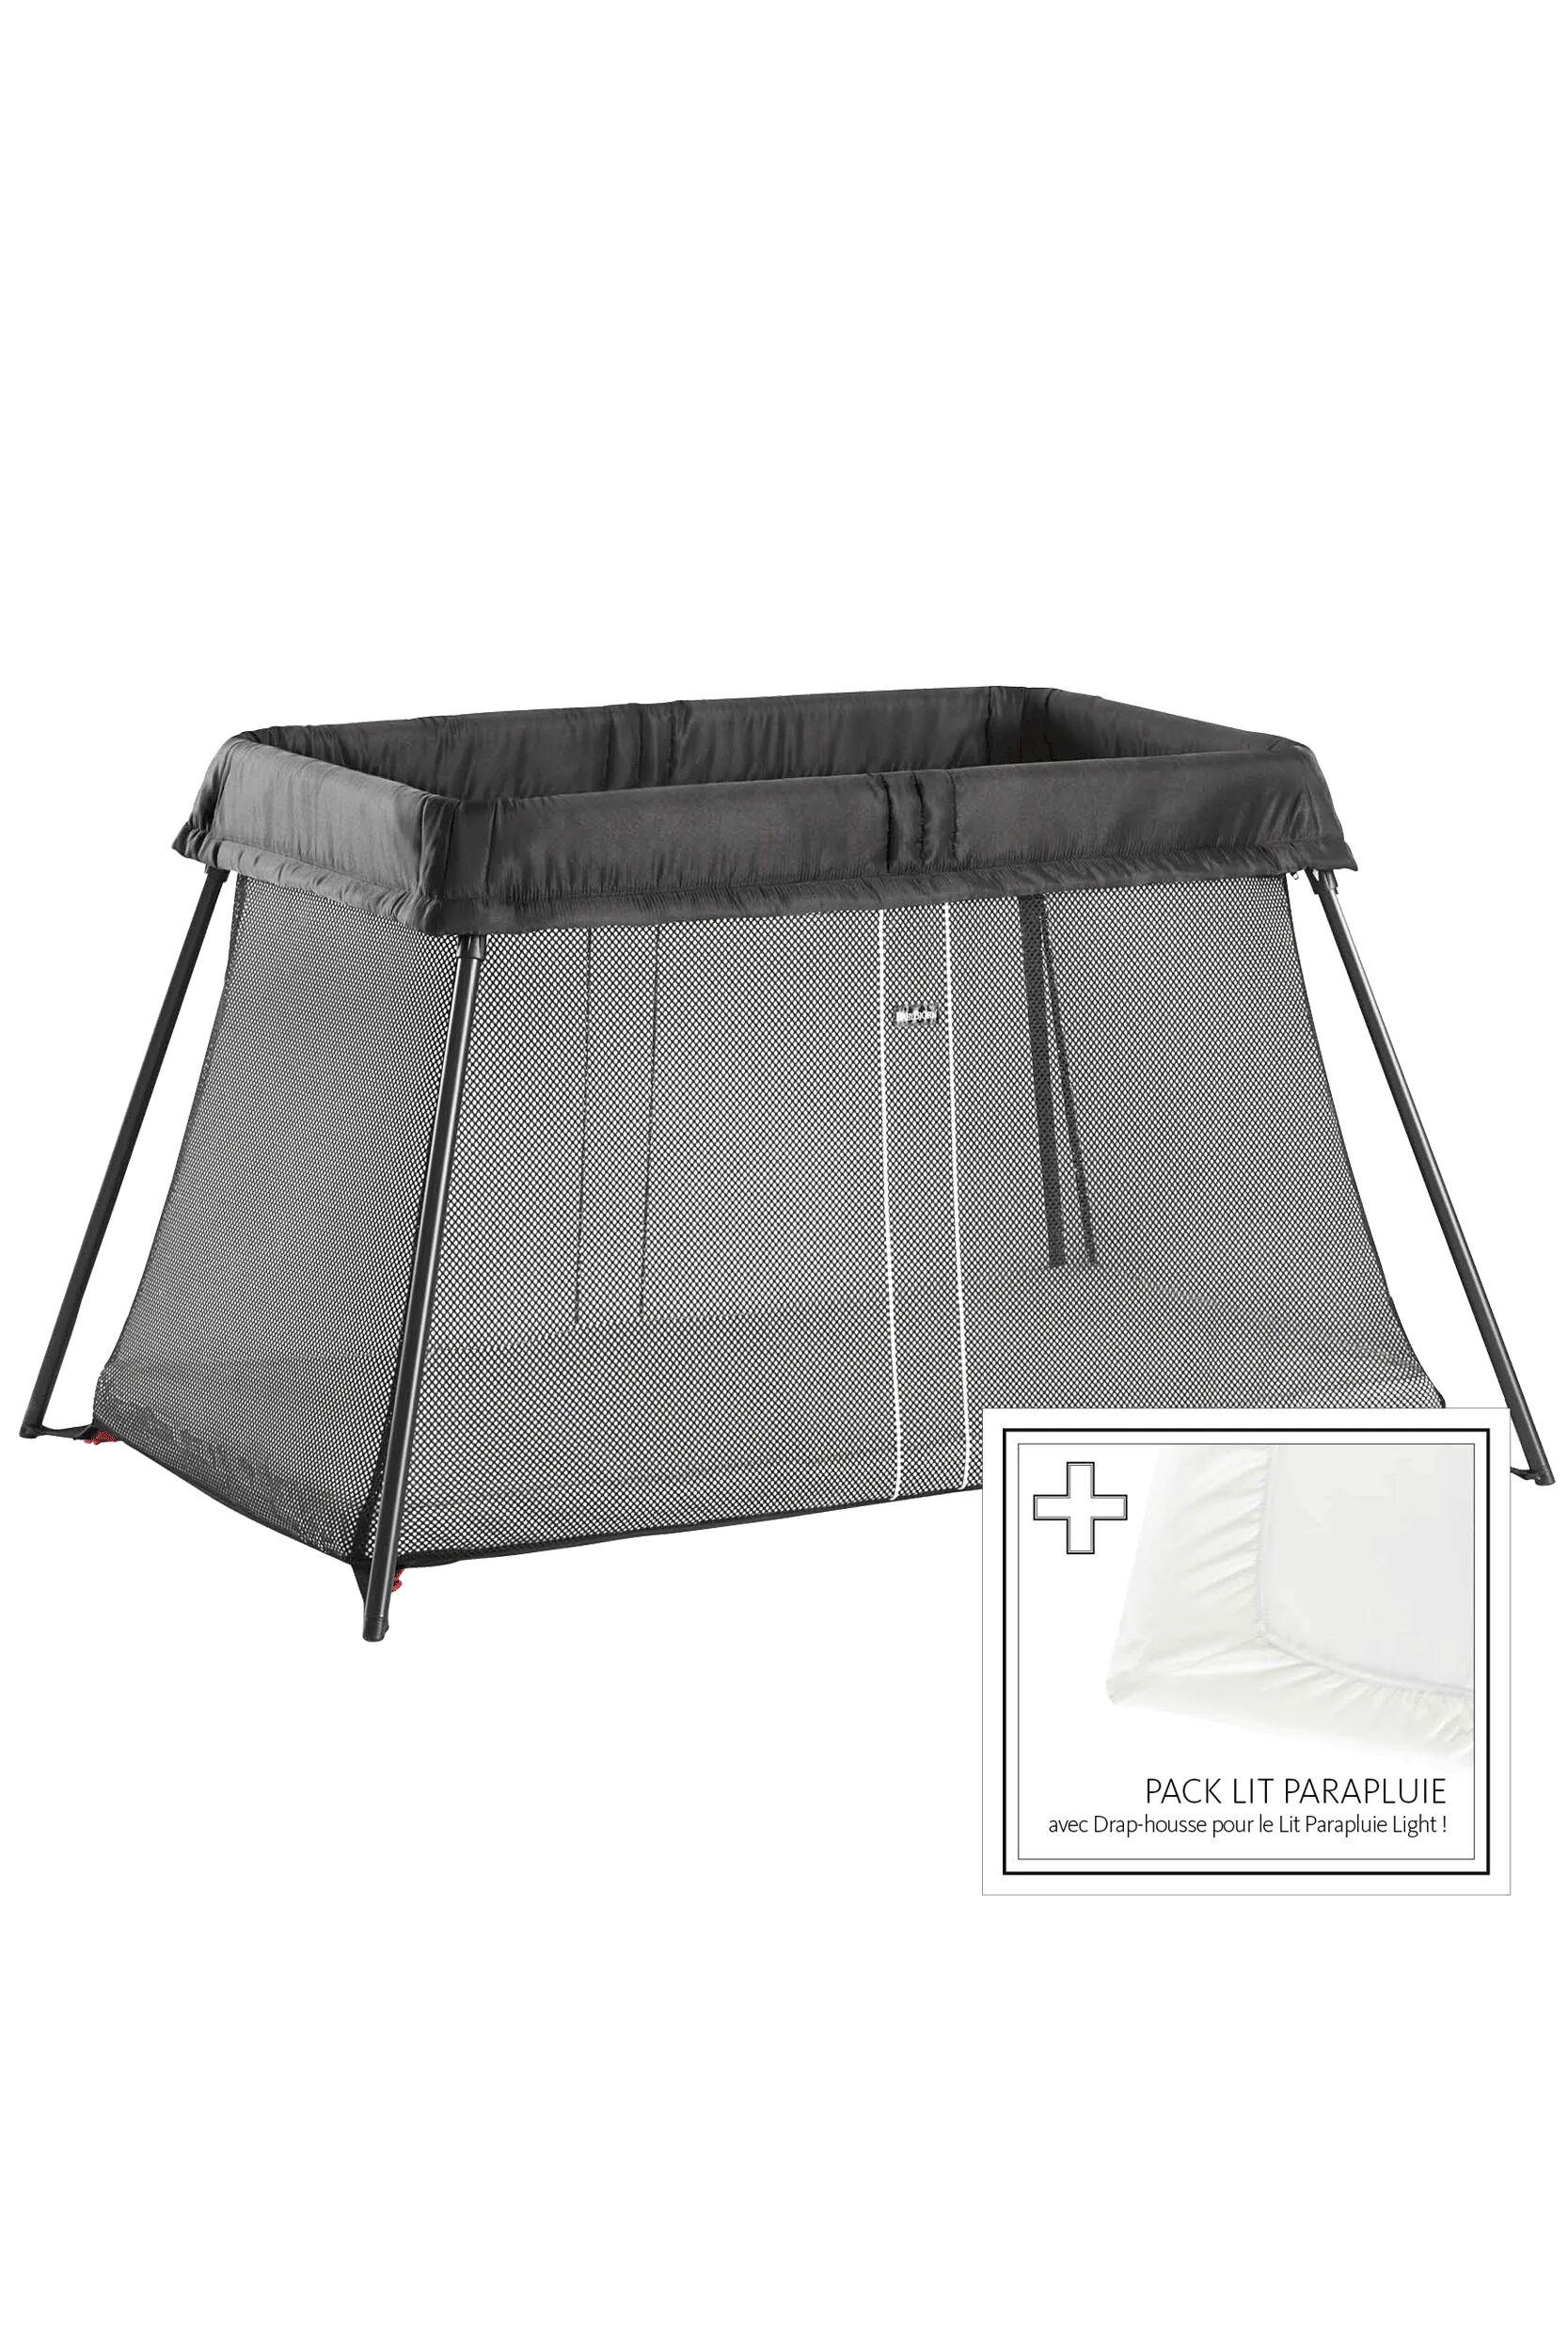 BABYBJÖRN Lit Parapluie Light - Noir, avec Drap-housse